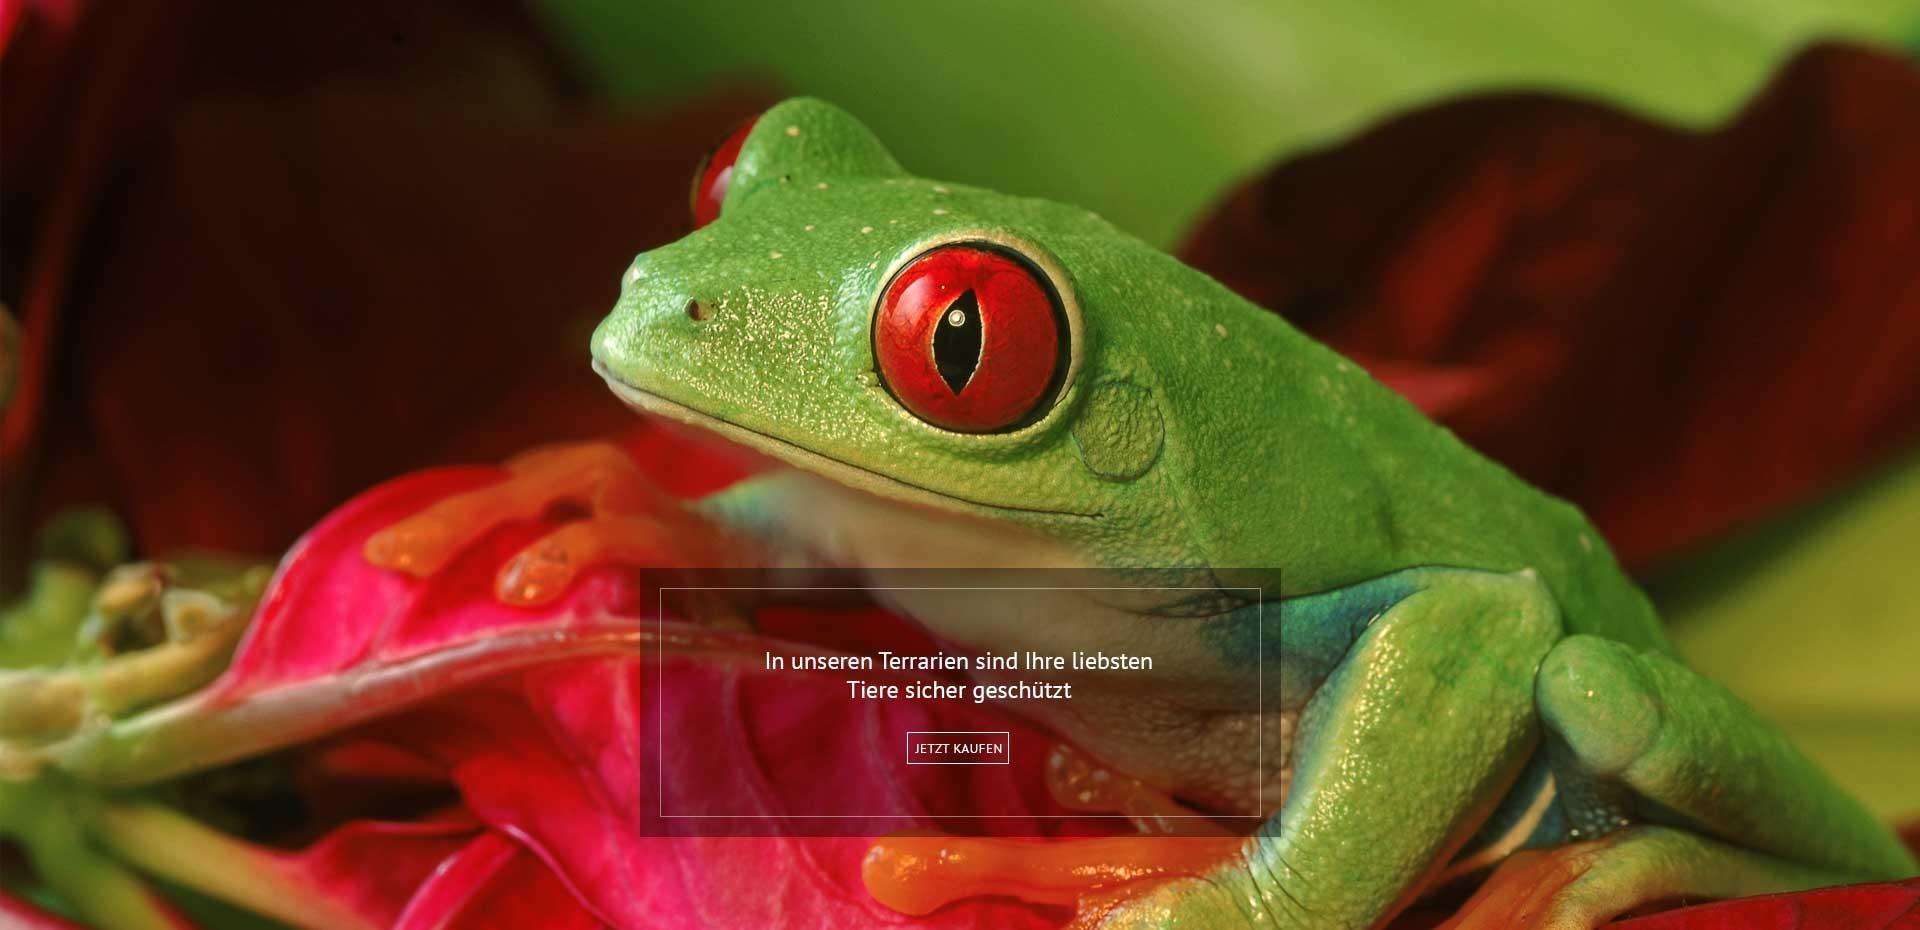 Frosch-Terrarium